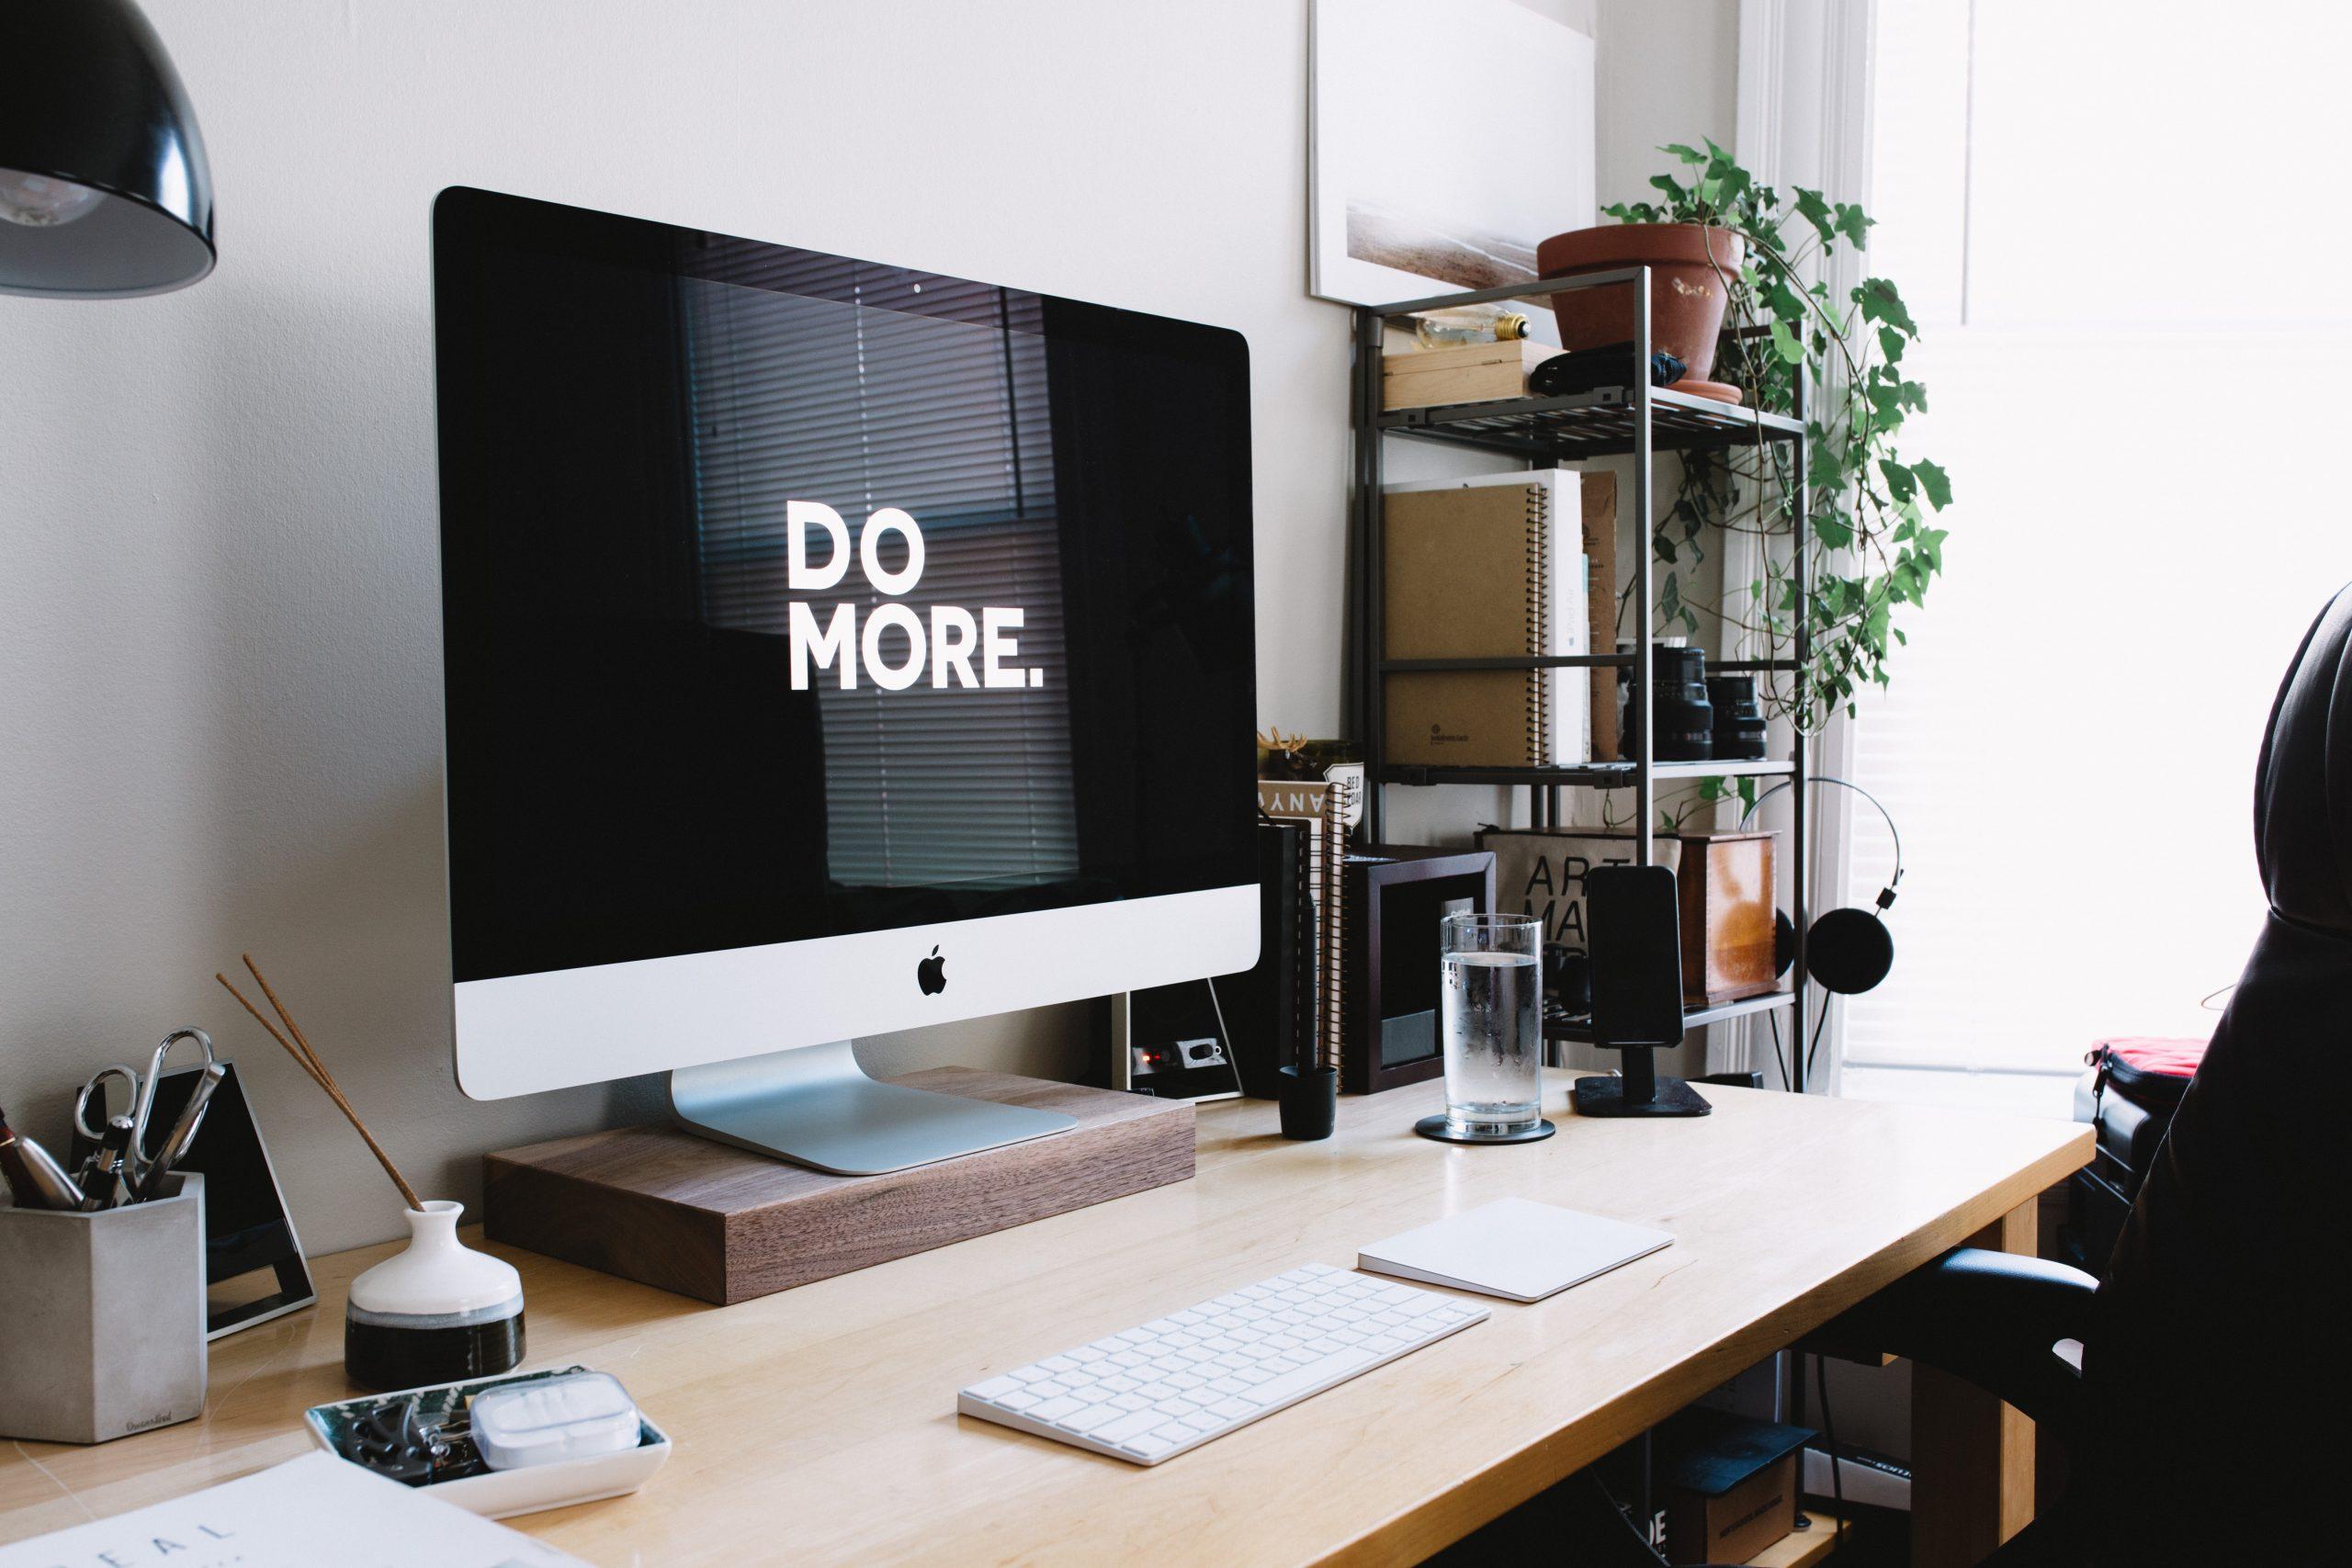 las-10-reglas-de-oro-en-social-media-marketing-agencia-comunicación-palma-mallorca-redes-sociales-community-manager-asesoria-consultoria-arantxa-vico-the-808-agency-2